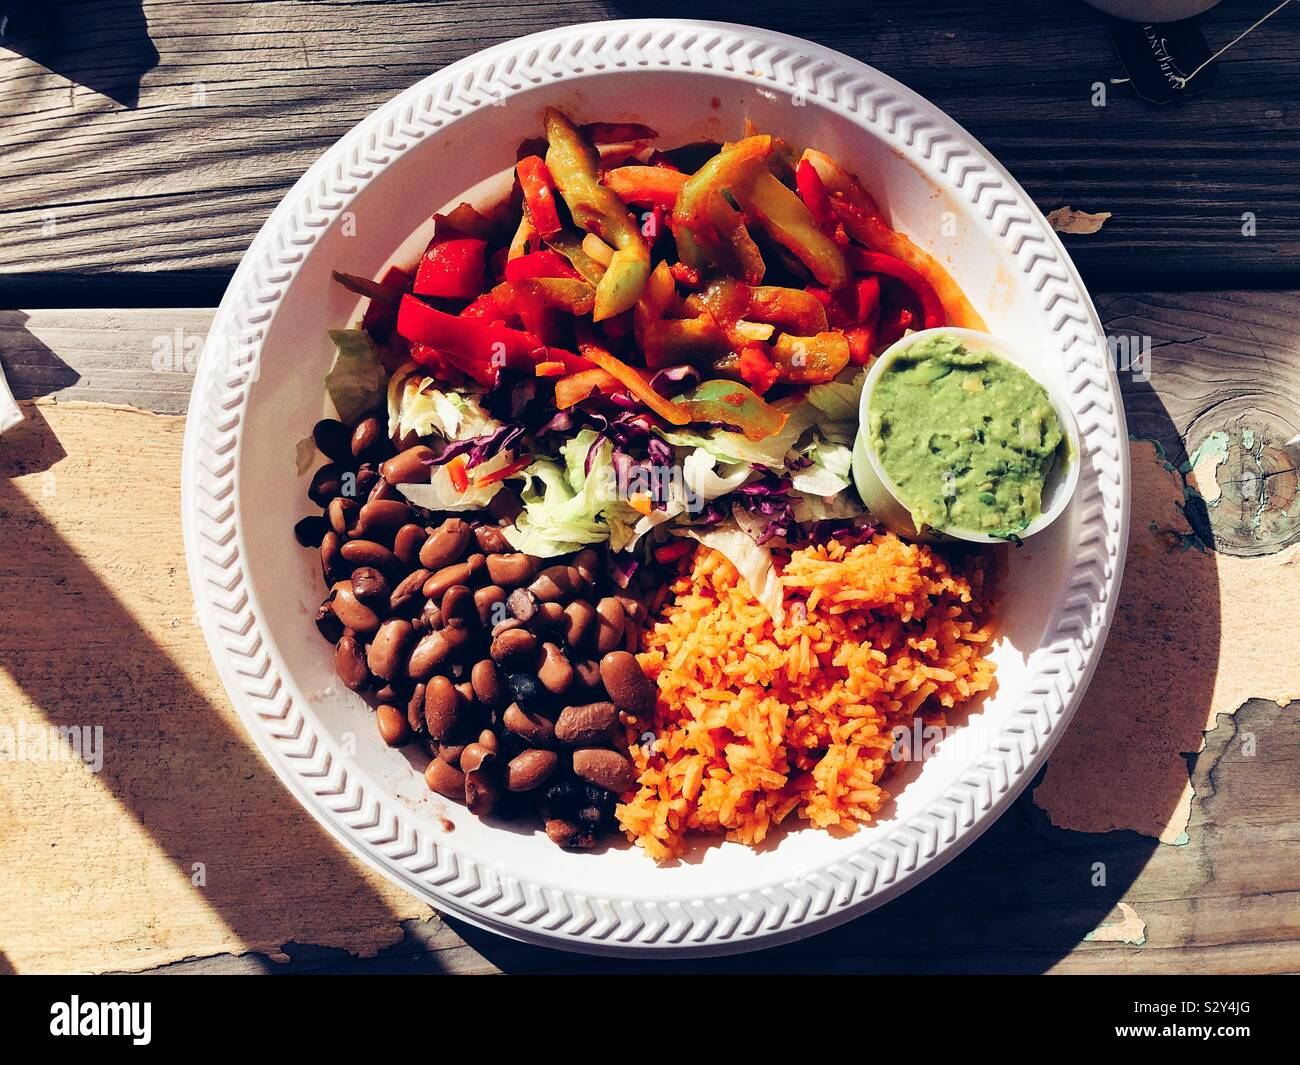 Dernier repas avant l'hiver en plein air Banque D'Images